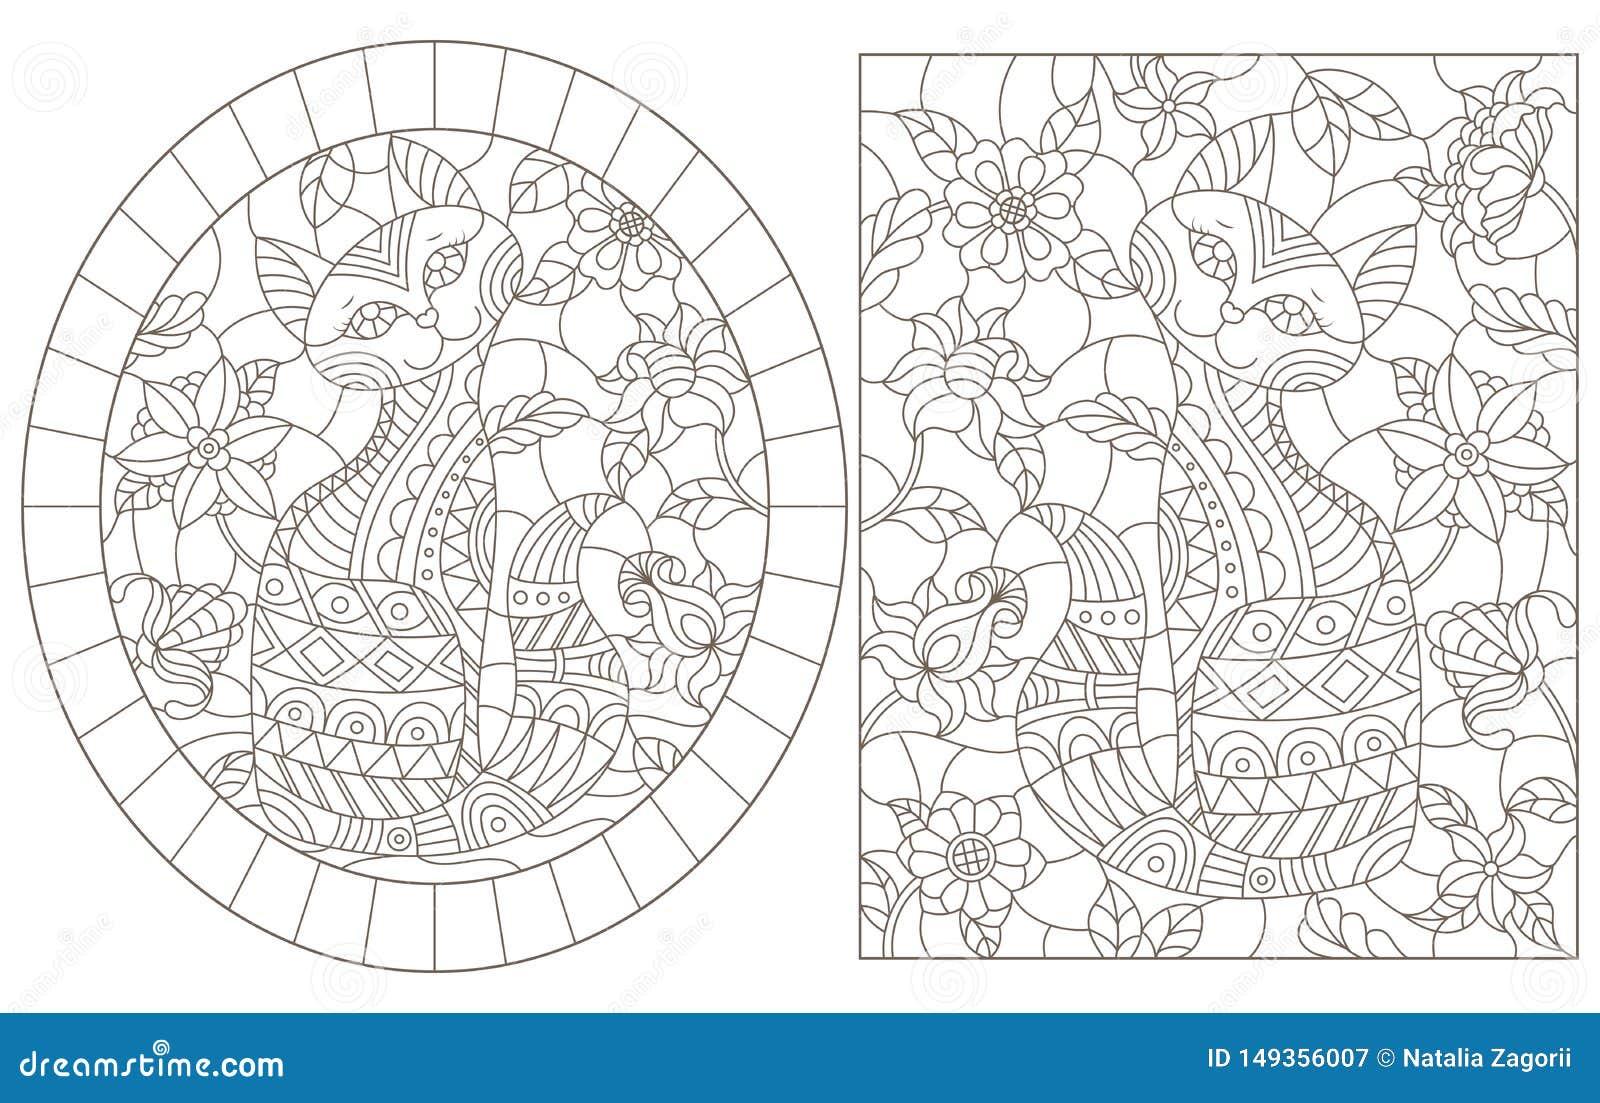 De contour plaatste met illustraties van gebrandschilderd glasvensters met katten op een achtergrond van kleuren, donkere contour